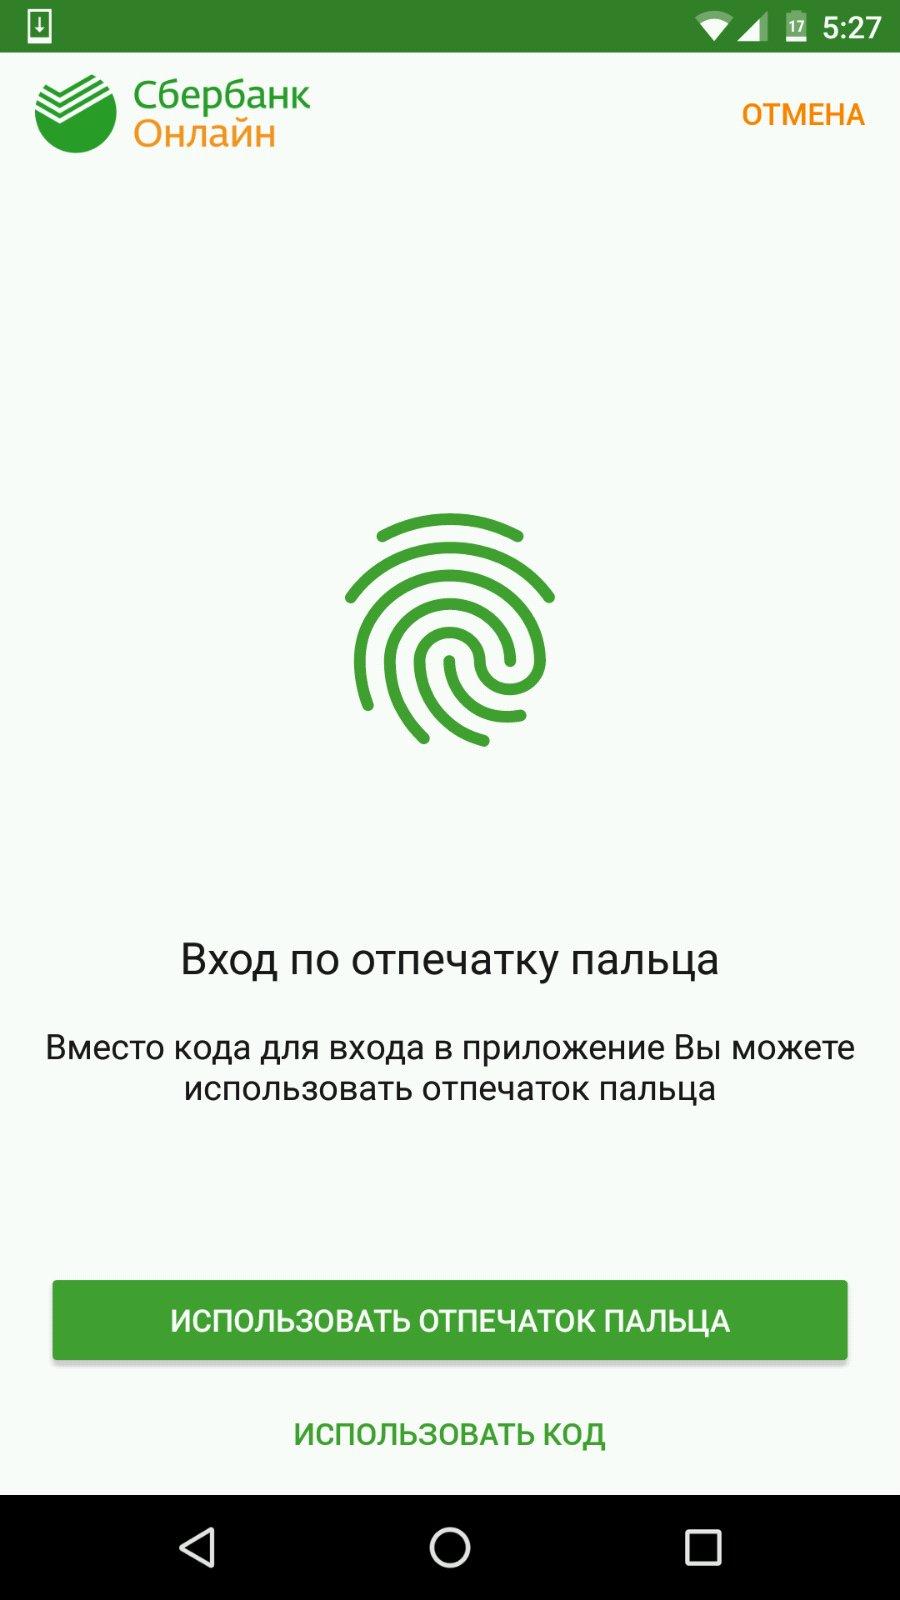 Открытки сбербанк онлайн инструкция